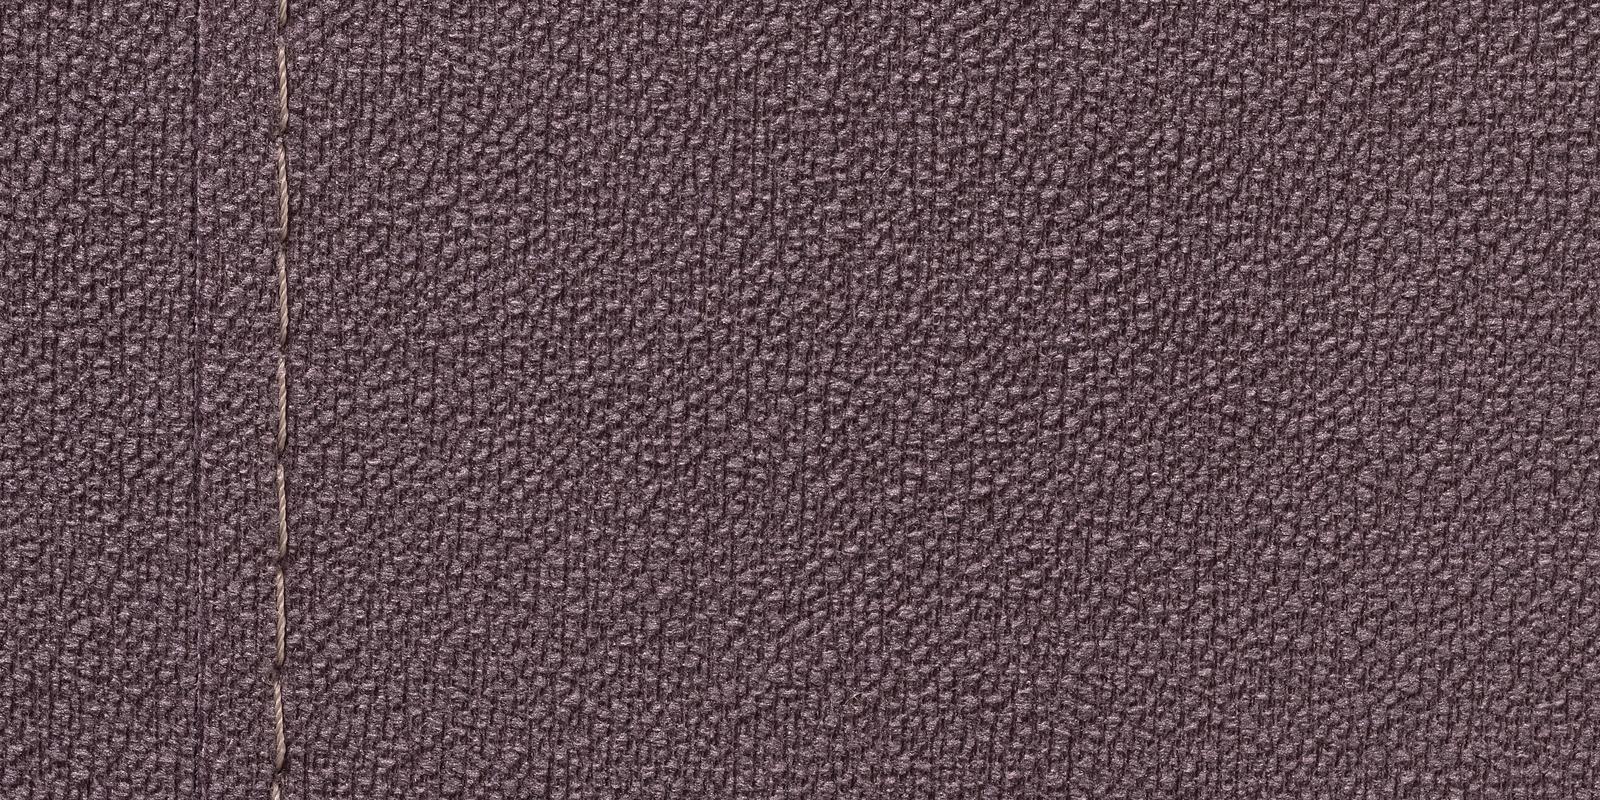 Диван тканевый прямой Майами Caramello трюфель (Ткань) от HomeMe.ru